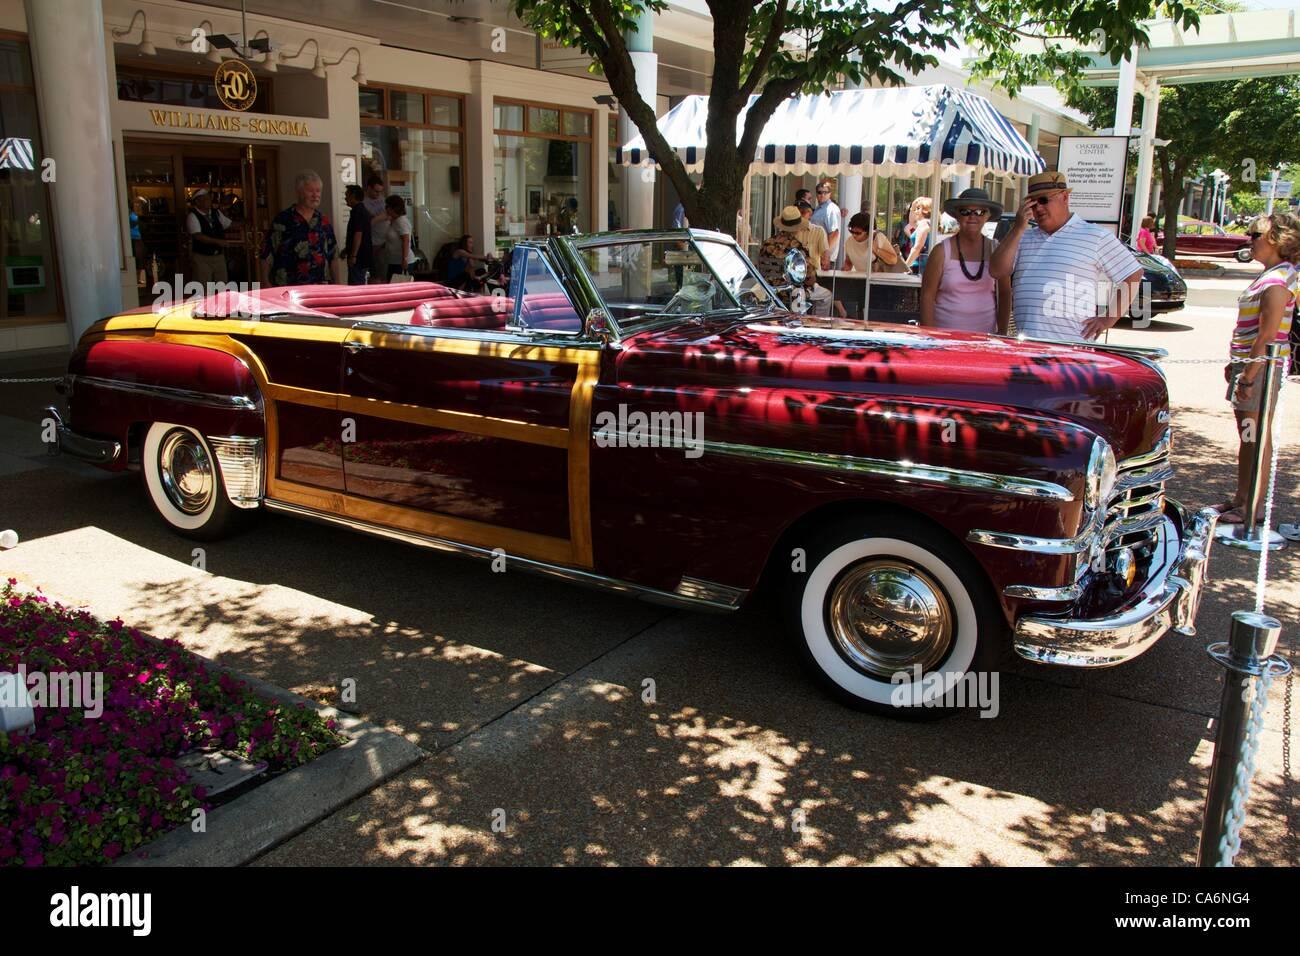 17 Junio 2012 Oak Brook Illinois Eeuu Un 1949 Chrysler Town Country Convertible En La 44a Asamblea Anual Oakbrook Center Classic Car Show Feria Se Celebra El Da Del Padre